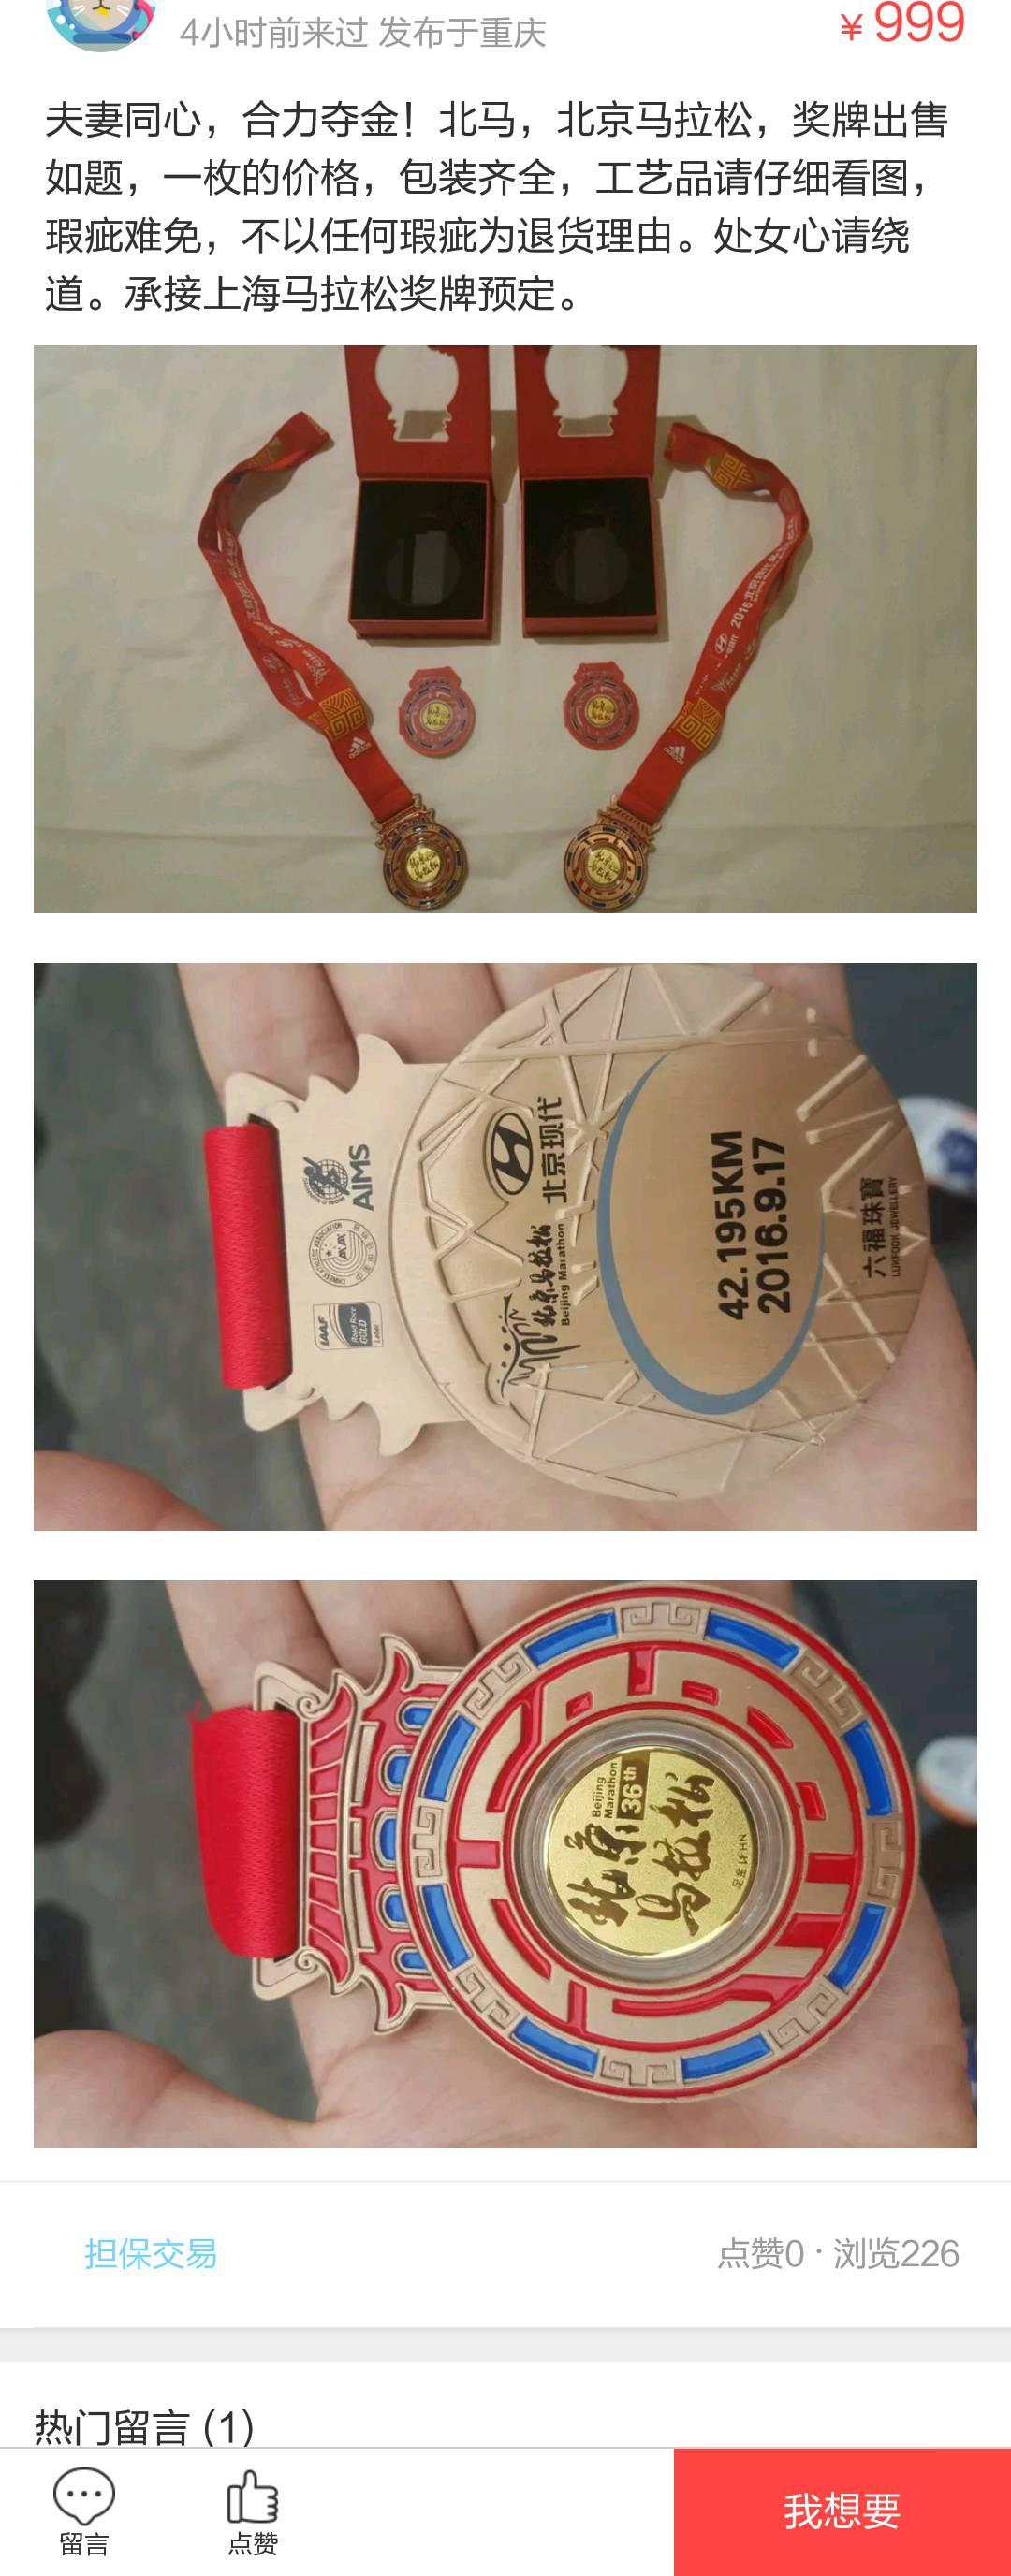 北马奖牌有人卖3600,你买不?